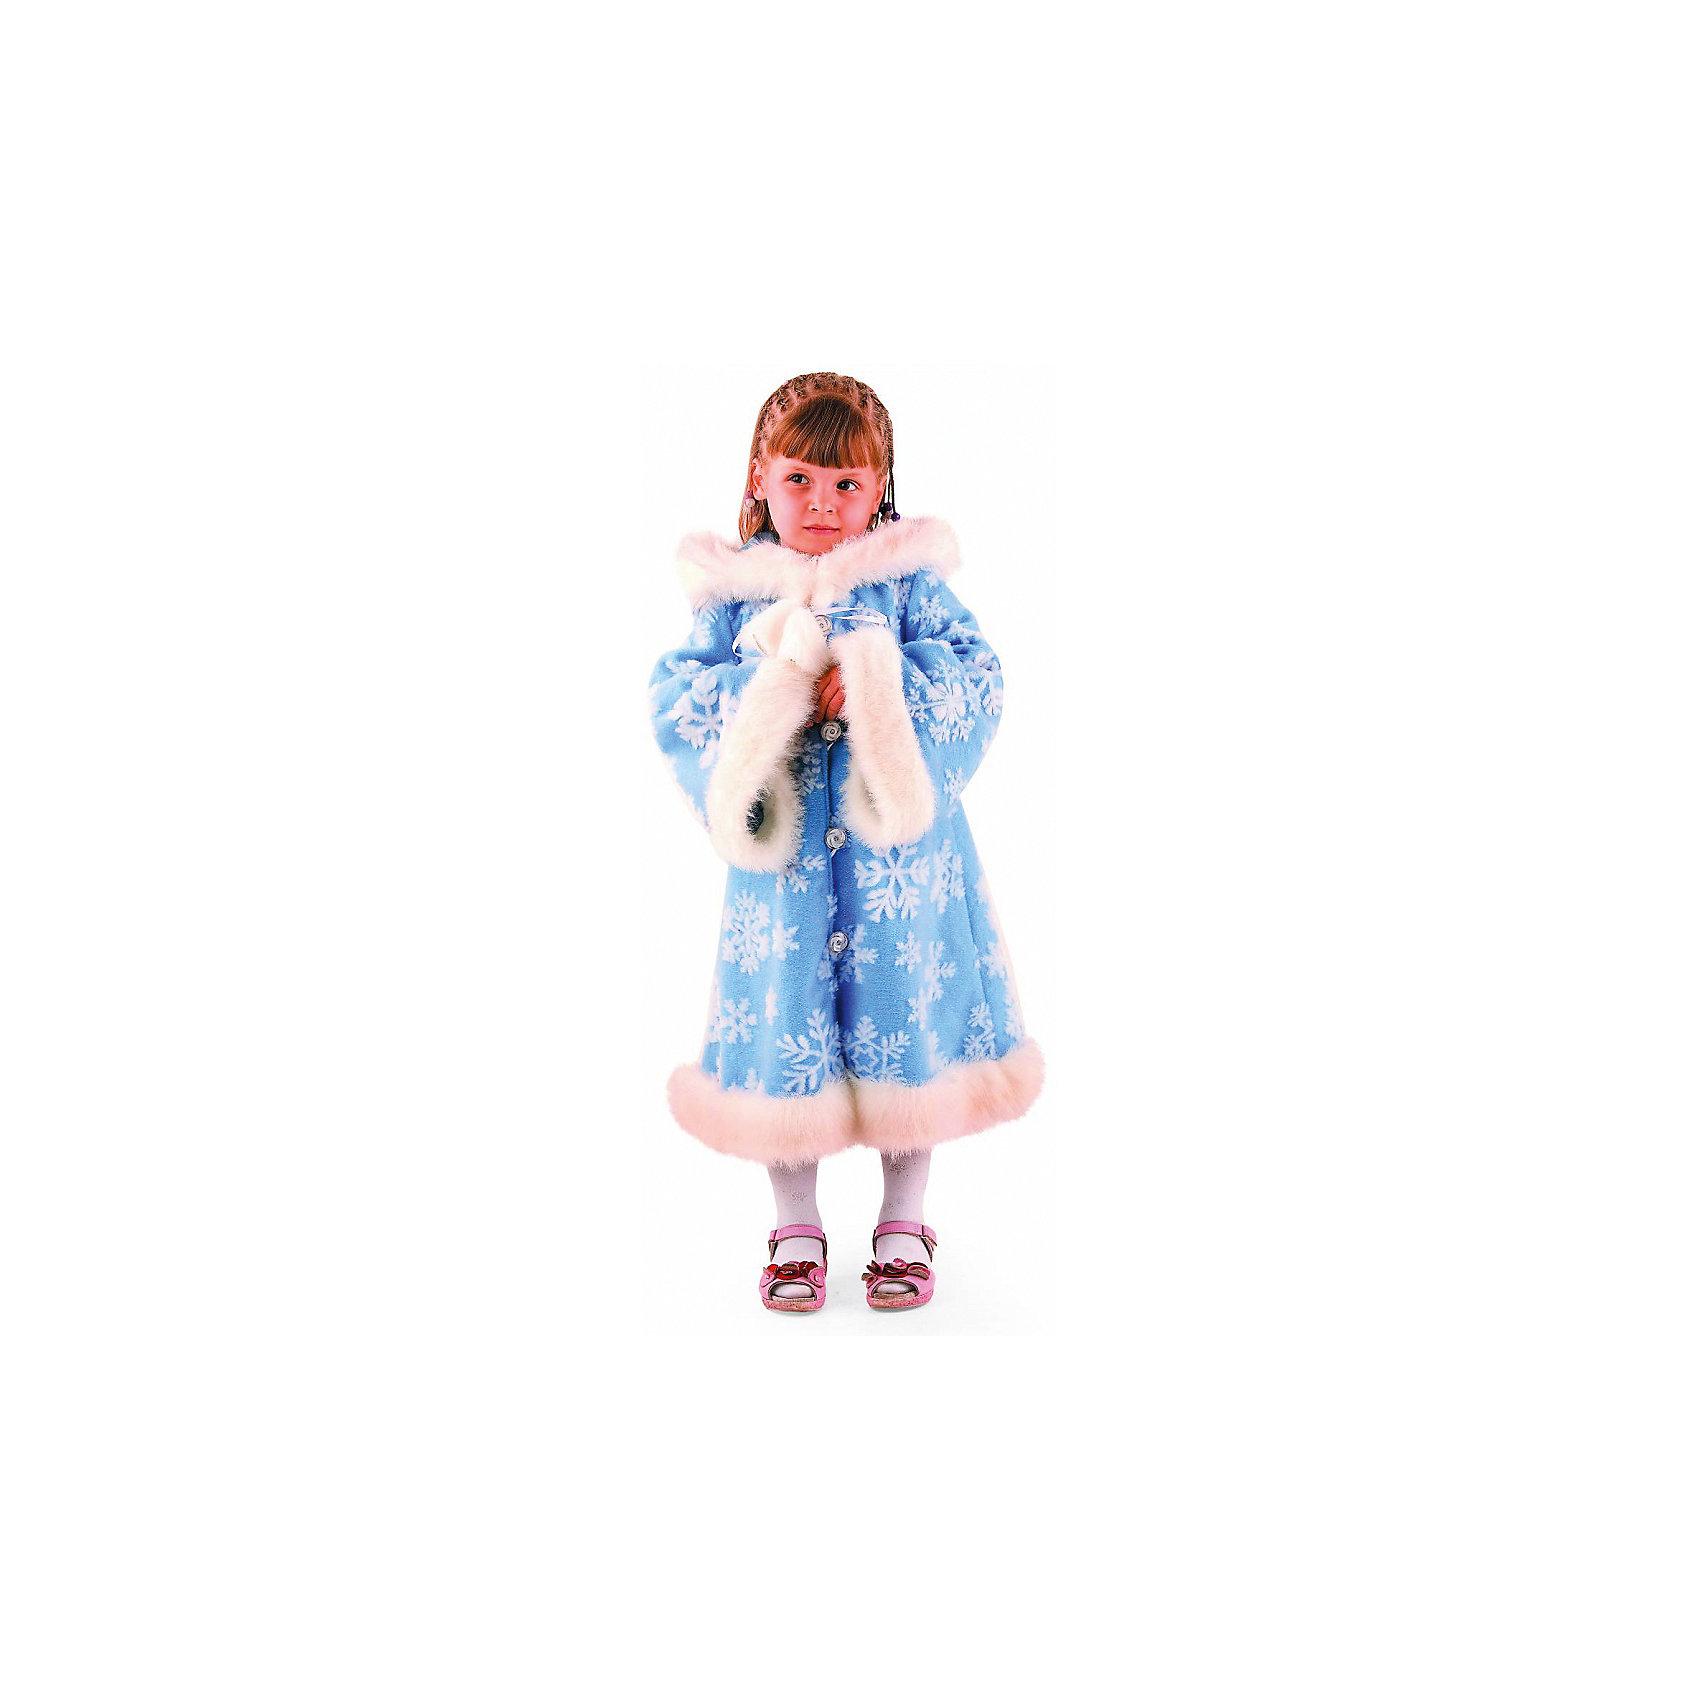 Карнавальный костюм Зимушка, БатикКарнавальные костюмы и аксессуары<br>В этом красивом карнавальном костюме ваша девочка почувствует себя настоящей королевой всех зимних праздников и обязательно привлечет к себе внимание. Очаровательная шубка с капюшоном изготовлена из мягкой плюшевой ткани, декорирована мягким мехом и рисунком в виде больших снежинок. Уютный капюшон не оставит равнодушной ни одну юную модницу. Костюм выполнен из высококачественных экологичных материалов, в производстве ткани использованы только безопасные, гипоаллергенные красители.<br><br>Дополнительная информация:<br><br>- Материал: текстиль, искусственный мех.<br>- Цвет: голубой, белый.<br>- Состоит из очаровательной шубки с капюшоном.<br>- Декоративные элементы: меховая оторочка, принт. <br>- Параметры для размера 26:<br>- обхват груди: 52 см.<br>- рост: 104 см.<br><br>Карнавальный костюм Зимушка, Батик, можно купить в нашем магазине.<br><br>Ширина мм: 500<br>Глубина мм: 50<br>Высота мм: 700<br>Вес г: 600<br>Цвет: разноцветный<br>Возраст от месяцев: 60<br>Возраст до месяцев: 72<br>Пол: Женский<br>Возраст: Детский<br>Размер: 30<br>SKU: 4412713